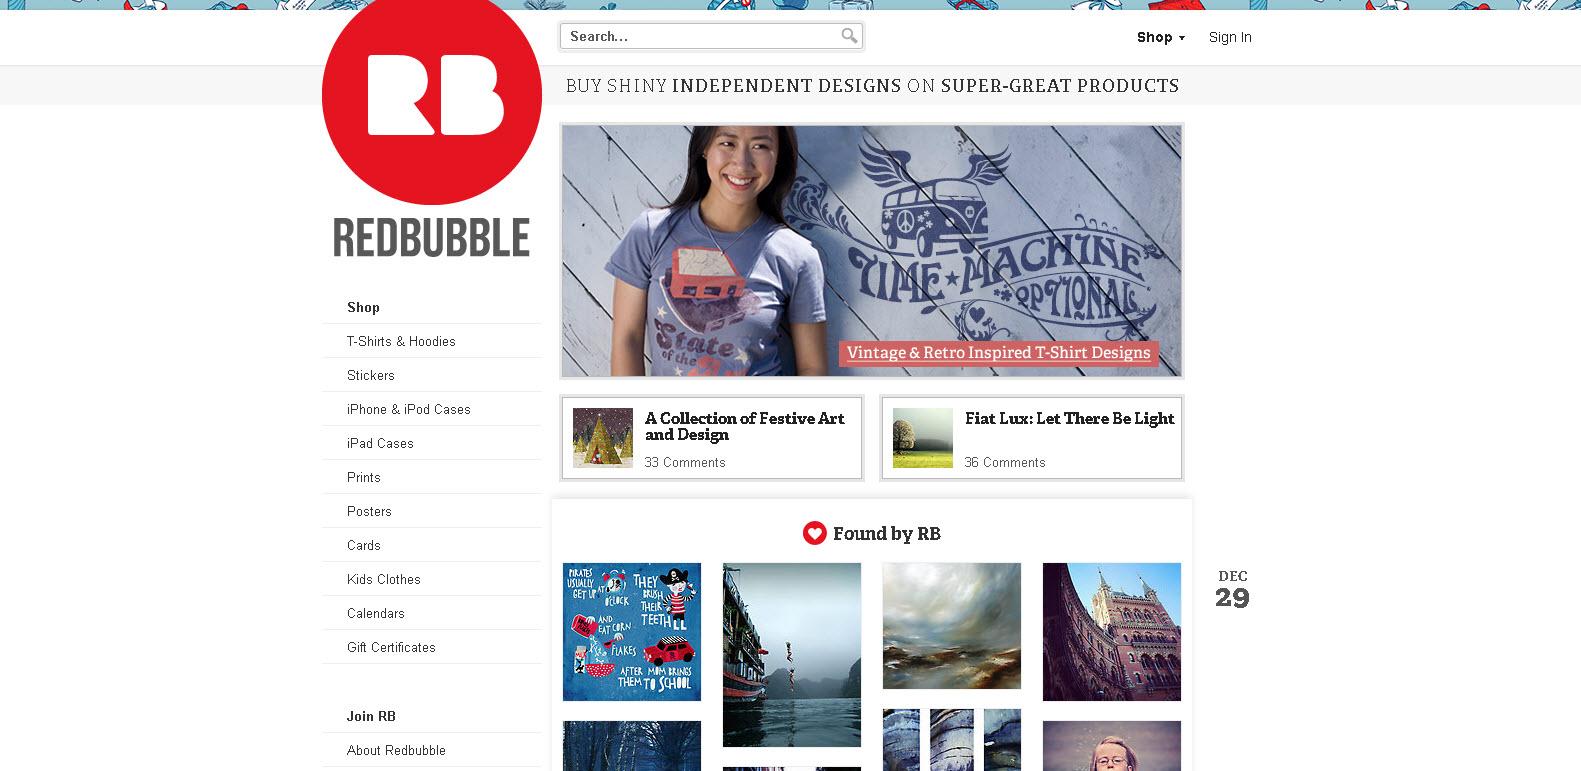 RedBubble - Désigns indépendants